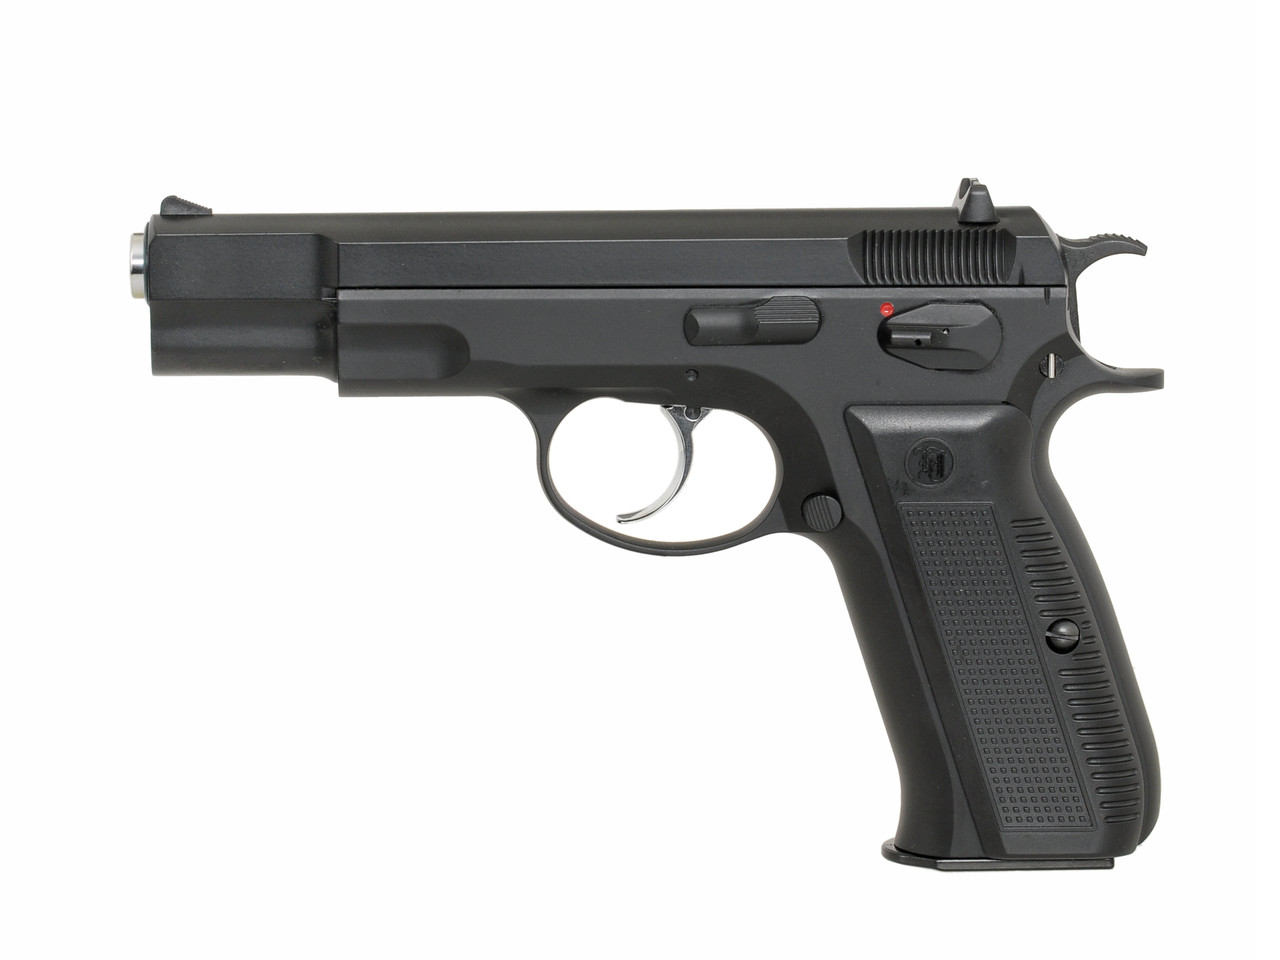 Пистолет CZ-75 greengas KP-09 [KJW] (для страйкбола)